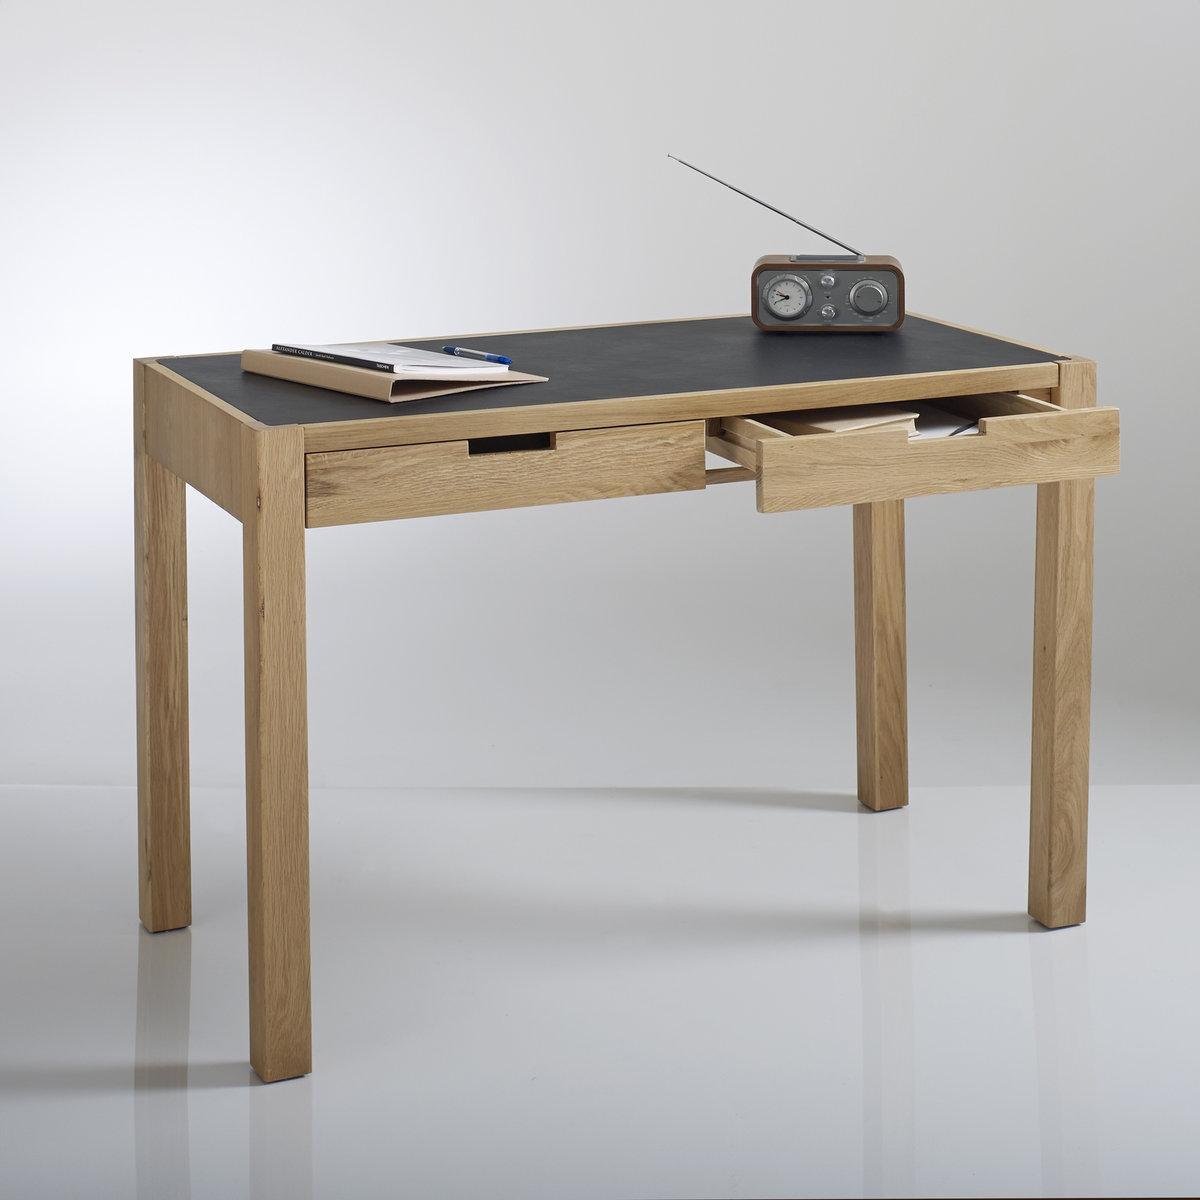 Стол письменный со столешницей под кожу, 2 ящика, WatfordПисьменный стол Watford в современном и функциональном стиле играет своими контрастами : он имеет рабочую поверхность под кожу и контрастные ножки черного матового цвета  . Табурет из данной гаммы продается на нашем сайте . Описание письменного стола с 2 ящиками, Watford :Рабочая поверхность + 2 ящика Пространство для хранения вещей под столешницей.Характеристики письменного стола с 2 ящиками, Watford :Рабочая поверхность и 2 ящика из МДФ, покрытого ПУ-лаком под кожу .Ножки из массива дуба .найдите всю коллекцию Watfordна нашем сайте ..Размеры письменного стола с 2 ящиками, Watford  :Ширина : 110 см.Высота : 76,3 см Глубина : 54,5 см .Размер и вес с упаковкой :1 упаковка118,5 x 26 x 64,5 см 22 кг Доставка :Письменный стол Watford продается готовым к сборке . Доставка до вашей квартиры !Внимание ! Убедитесь, что посылку возможно доставить на дом, учитывая ее габариты.<br><br>Цвет: светлое дерево натуральный